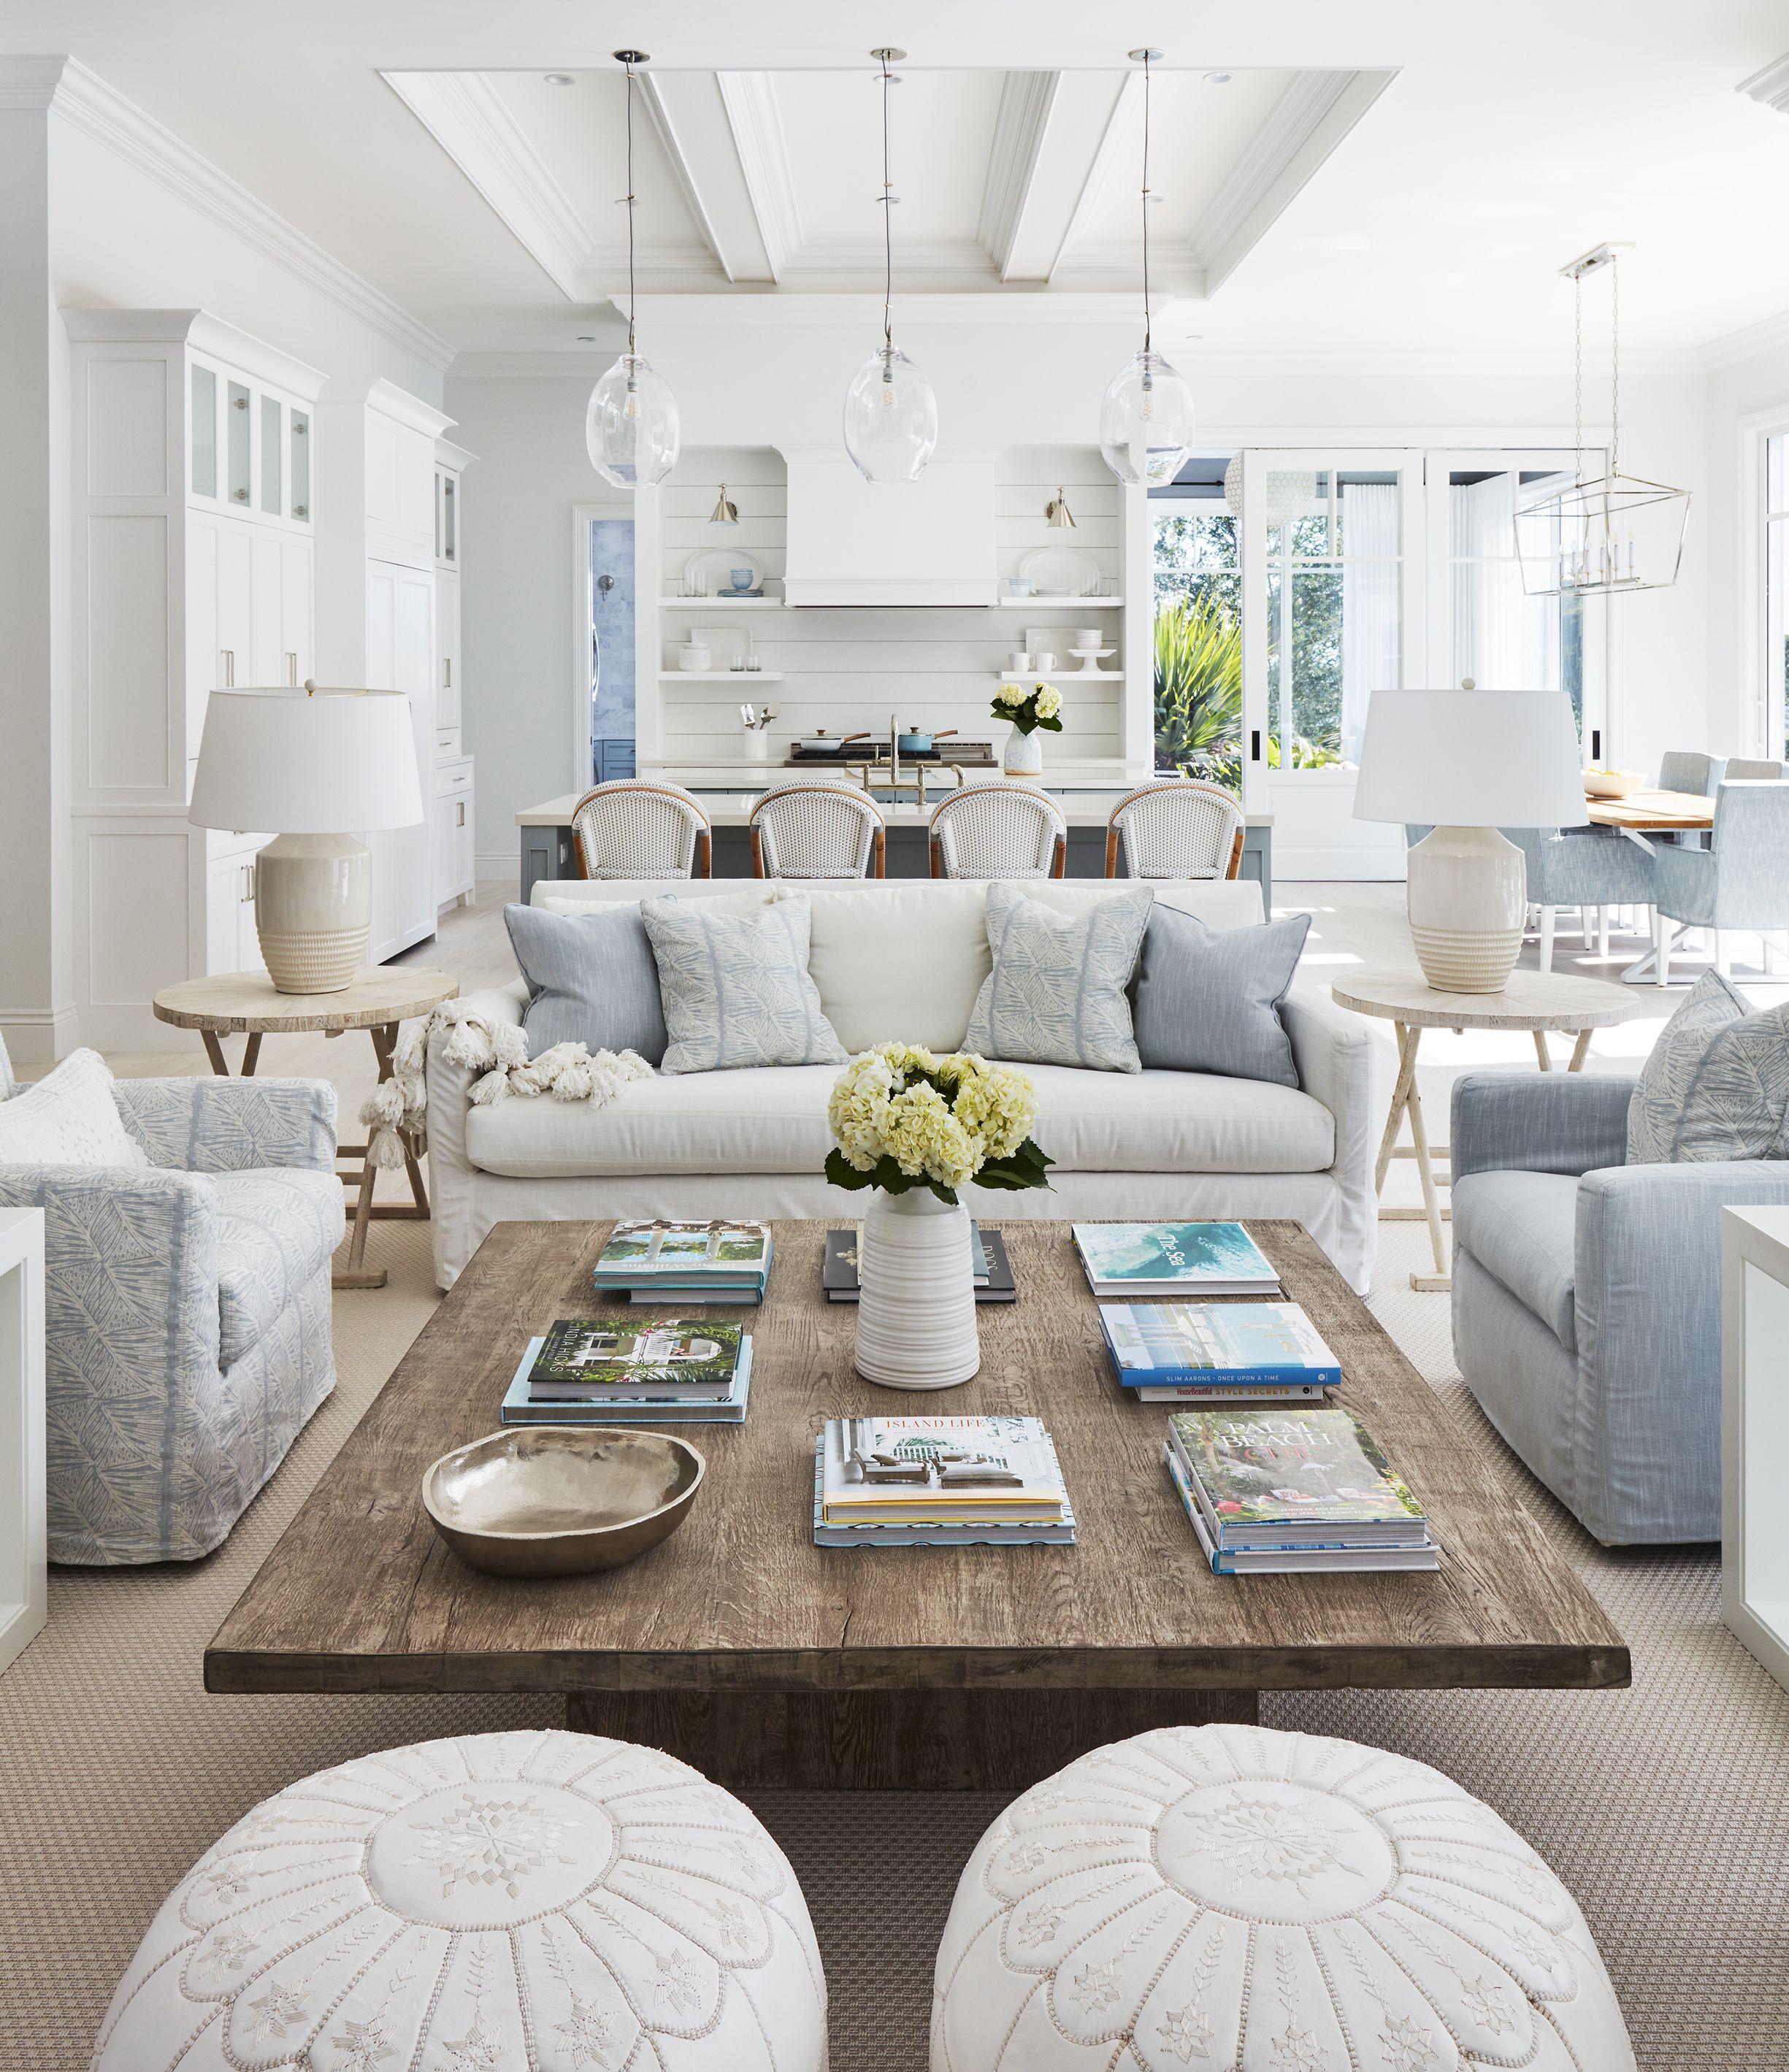 Home Living Room Home Home Decor The living room home decoration